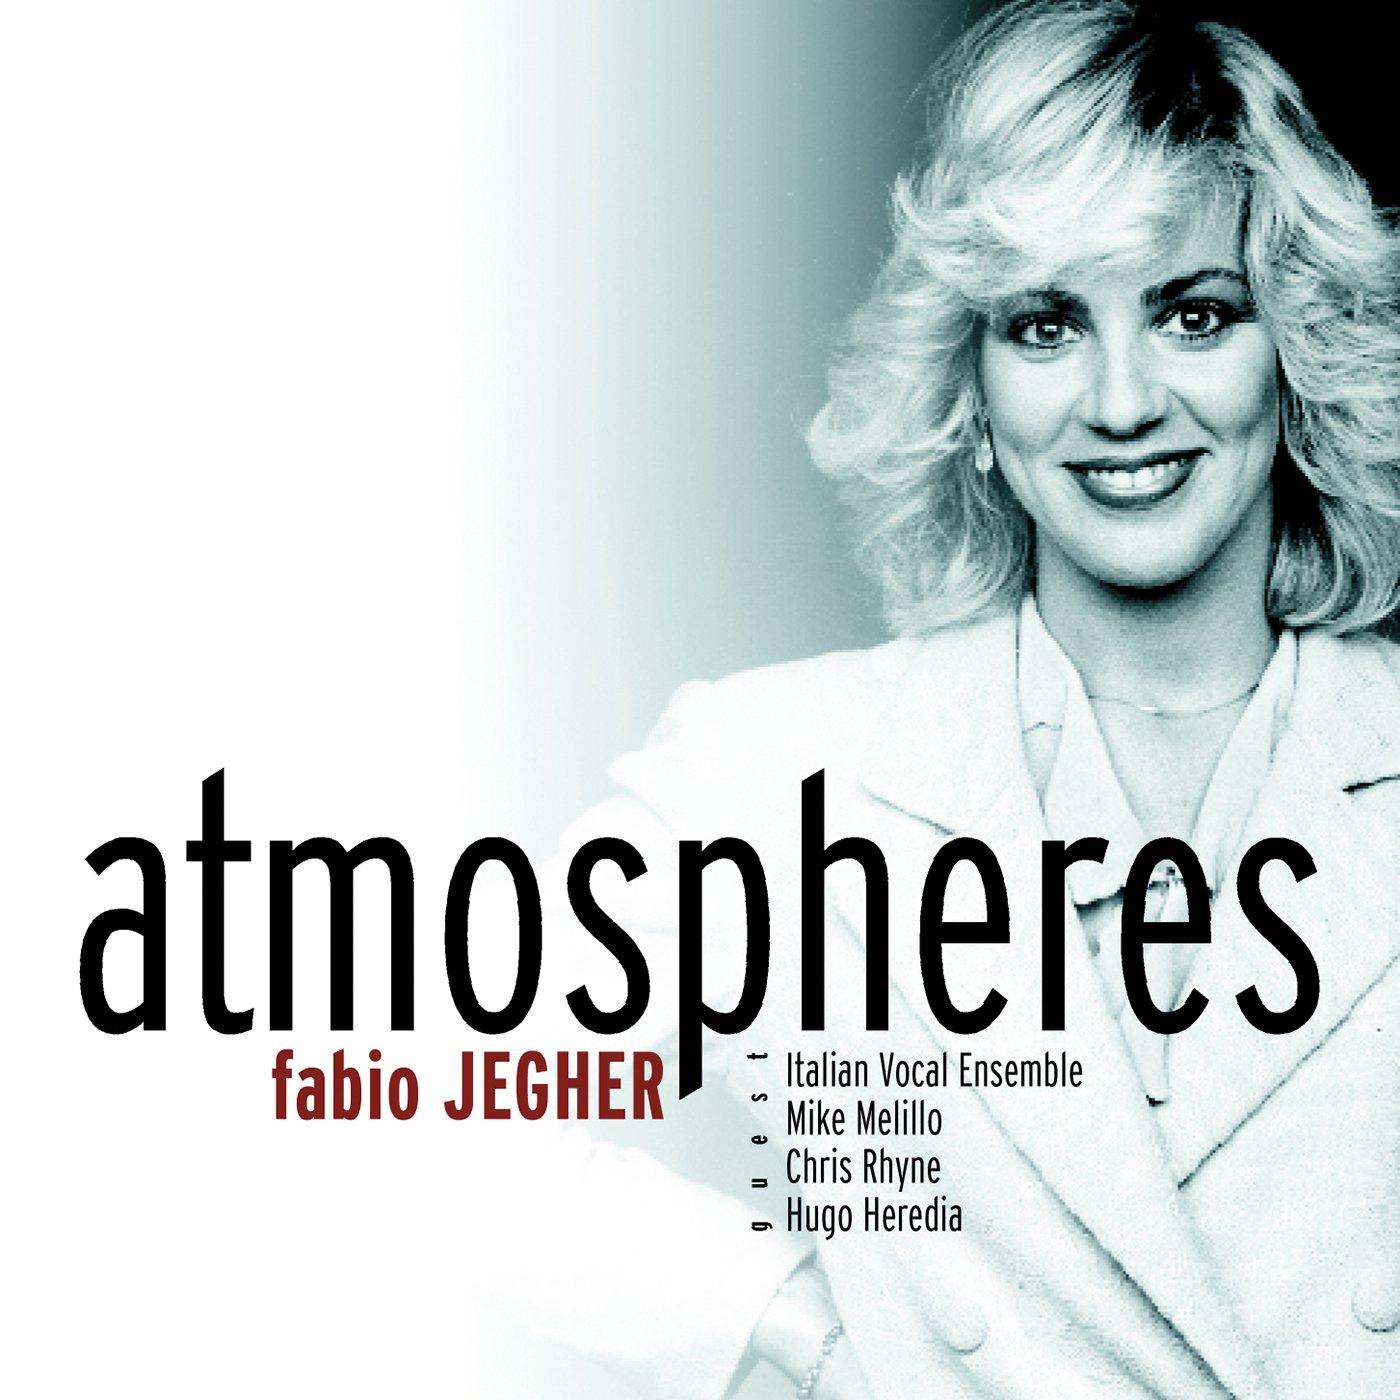 Atmospheres - Fabio JegherFeaturingItalian Vocal Ensemble&Mike Melillo